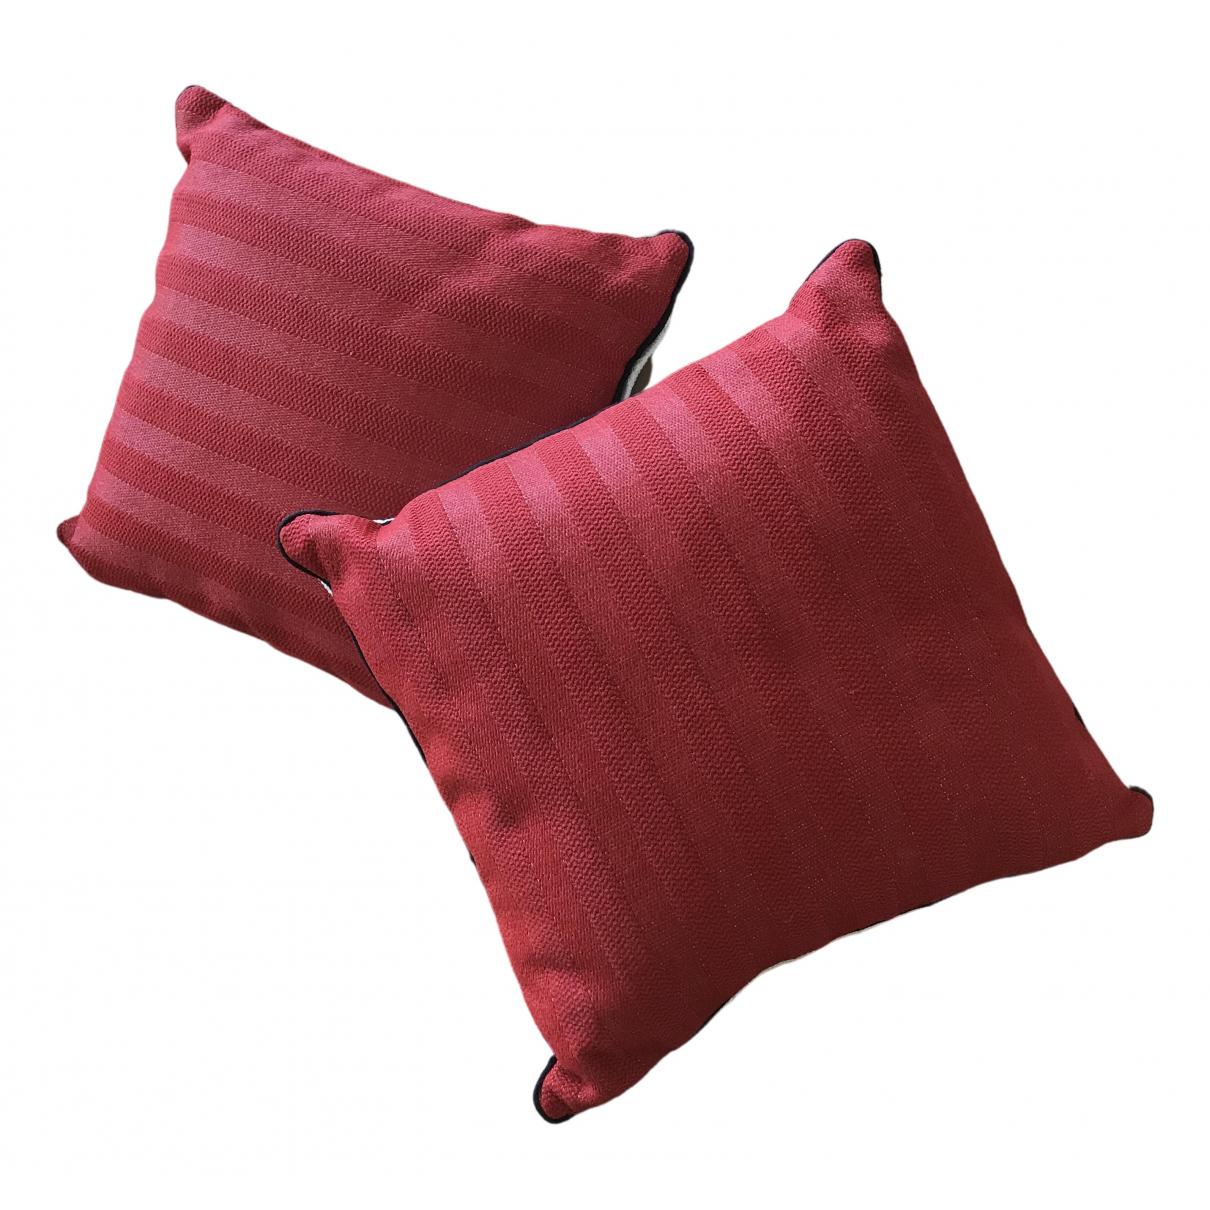 Maison Sarah Lavoine - Linge de maison   pour lifestyle en autre - rouge